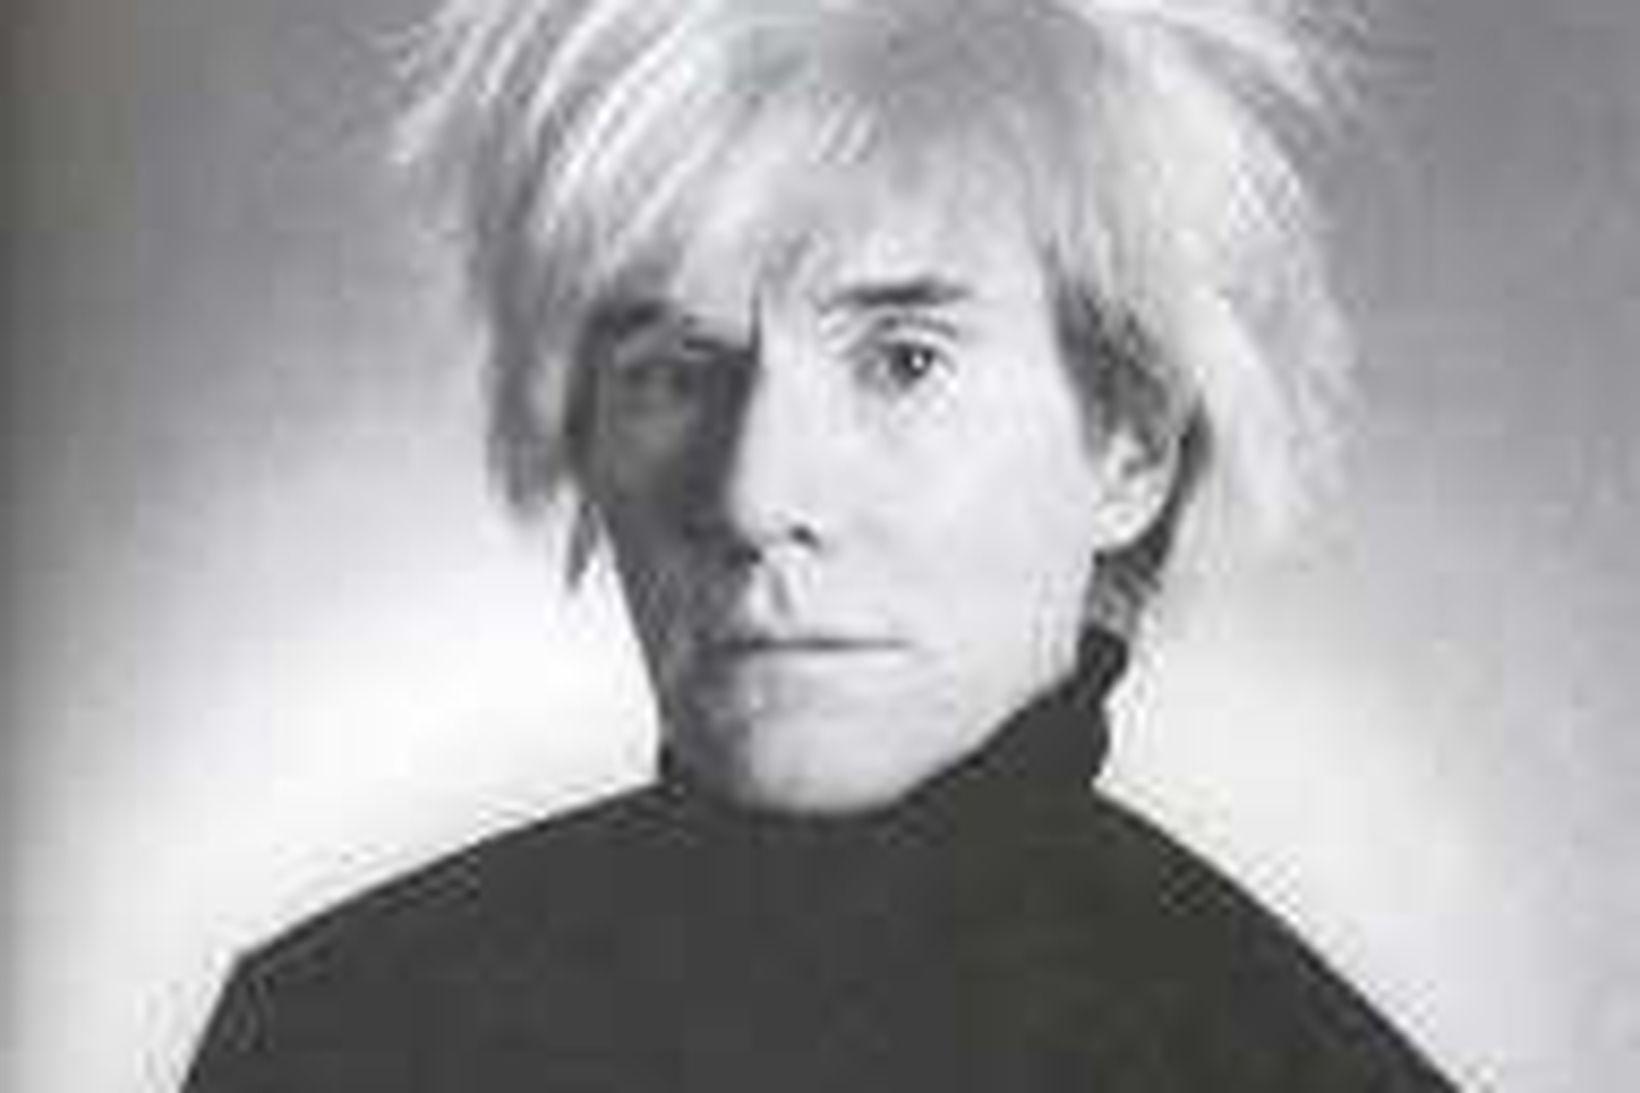 Mynd af Andy Warhol frá árinu 1986